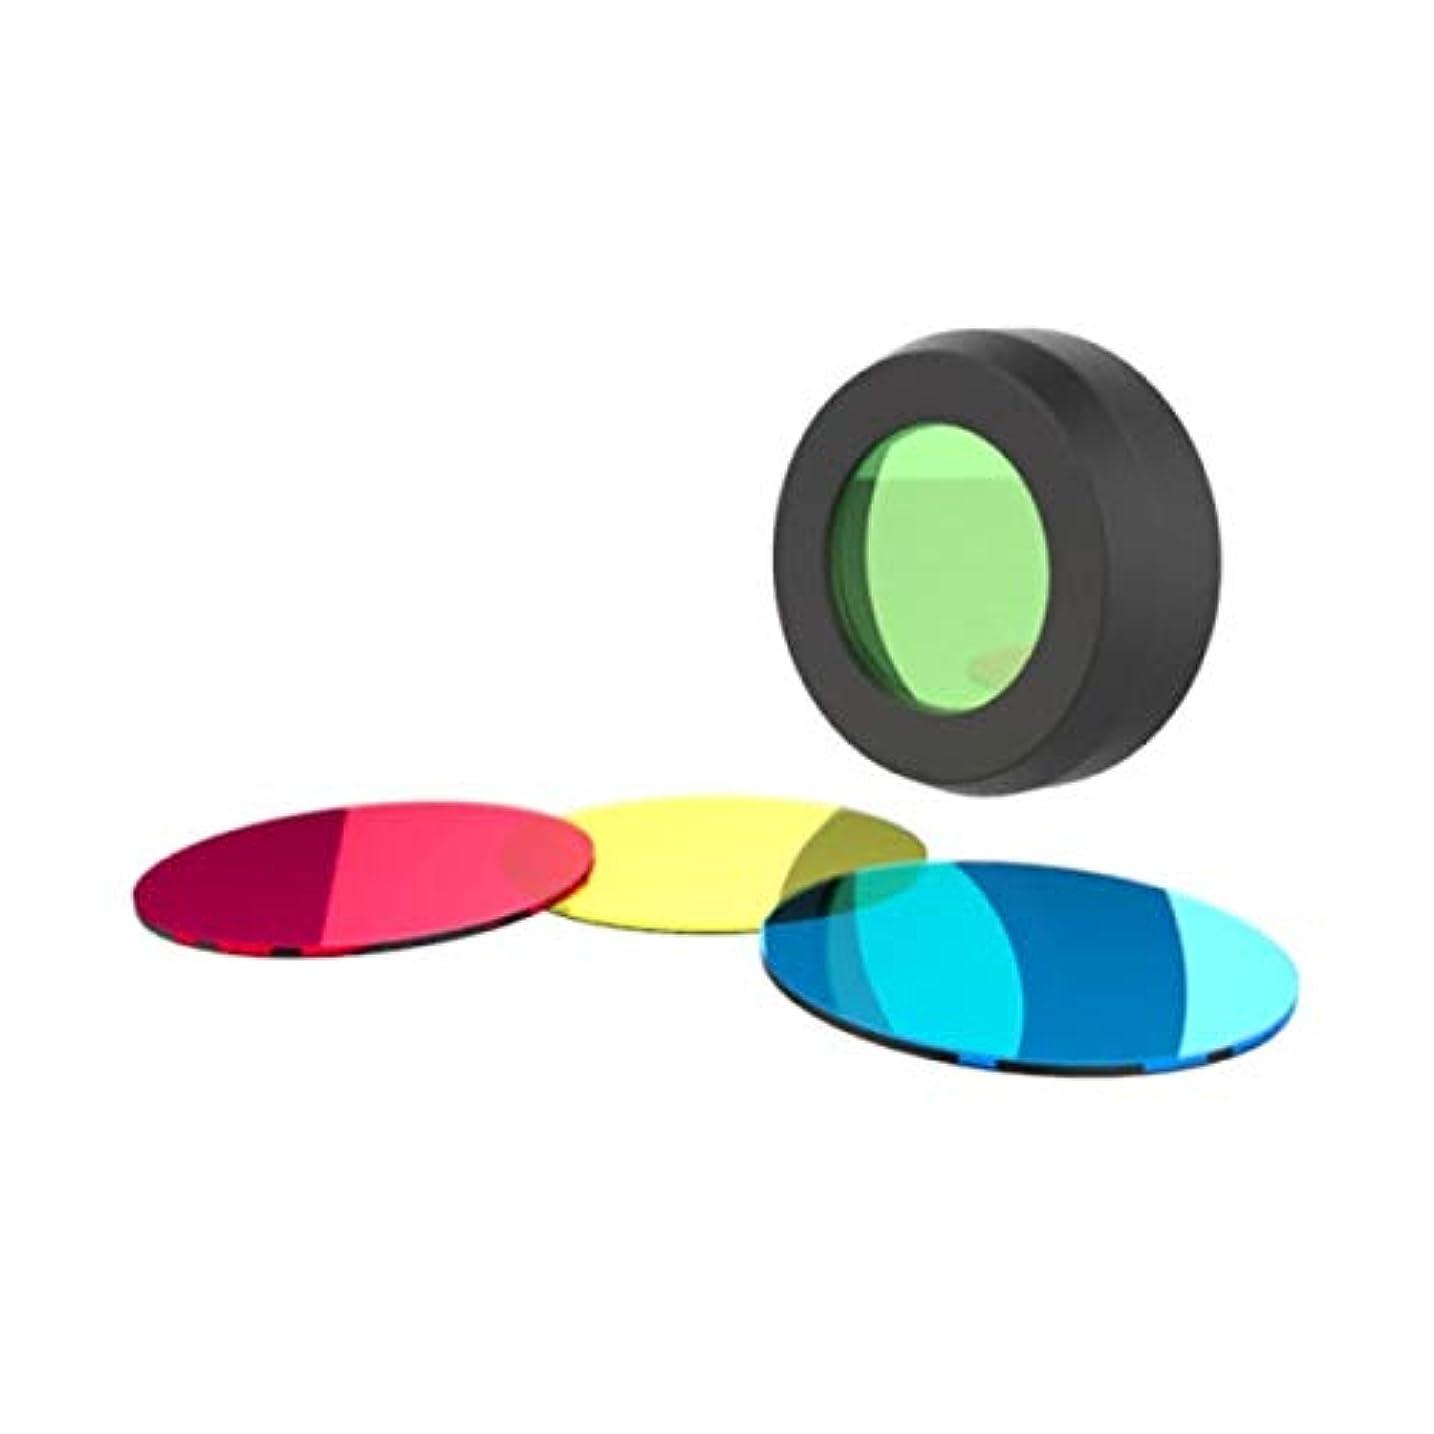 思われる瞳高度Ledlenser(レッドレンザー) Color Filter Set 36mm [日本正規品] 501506